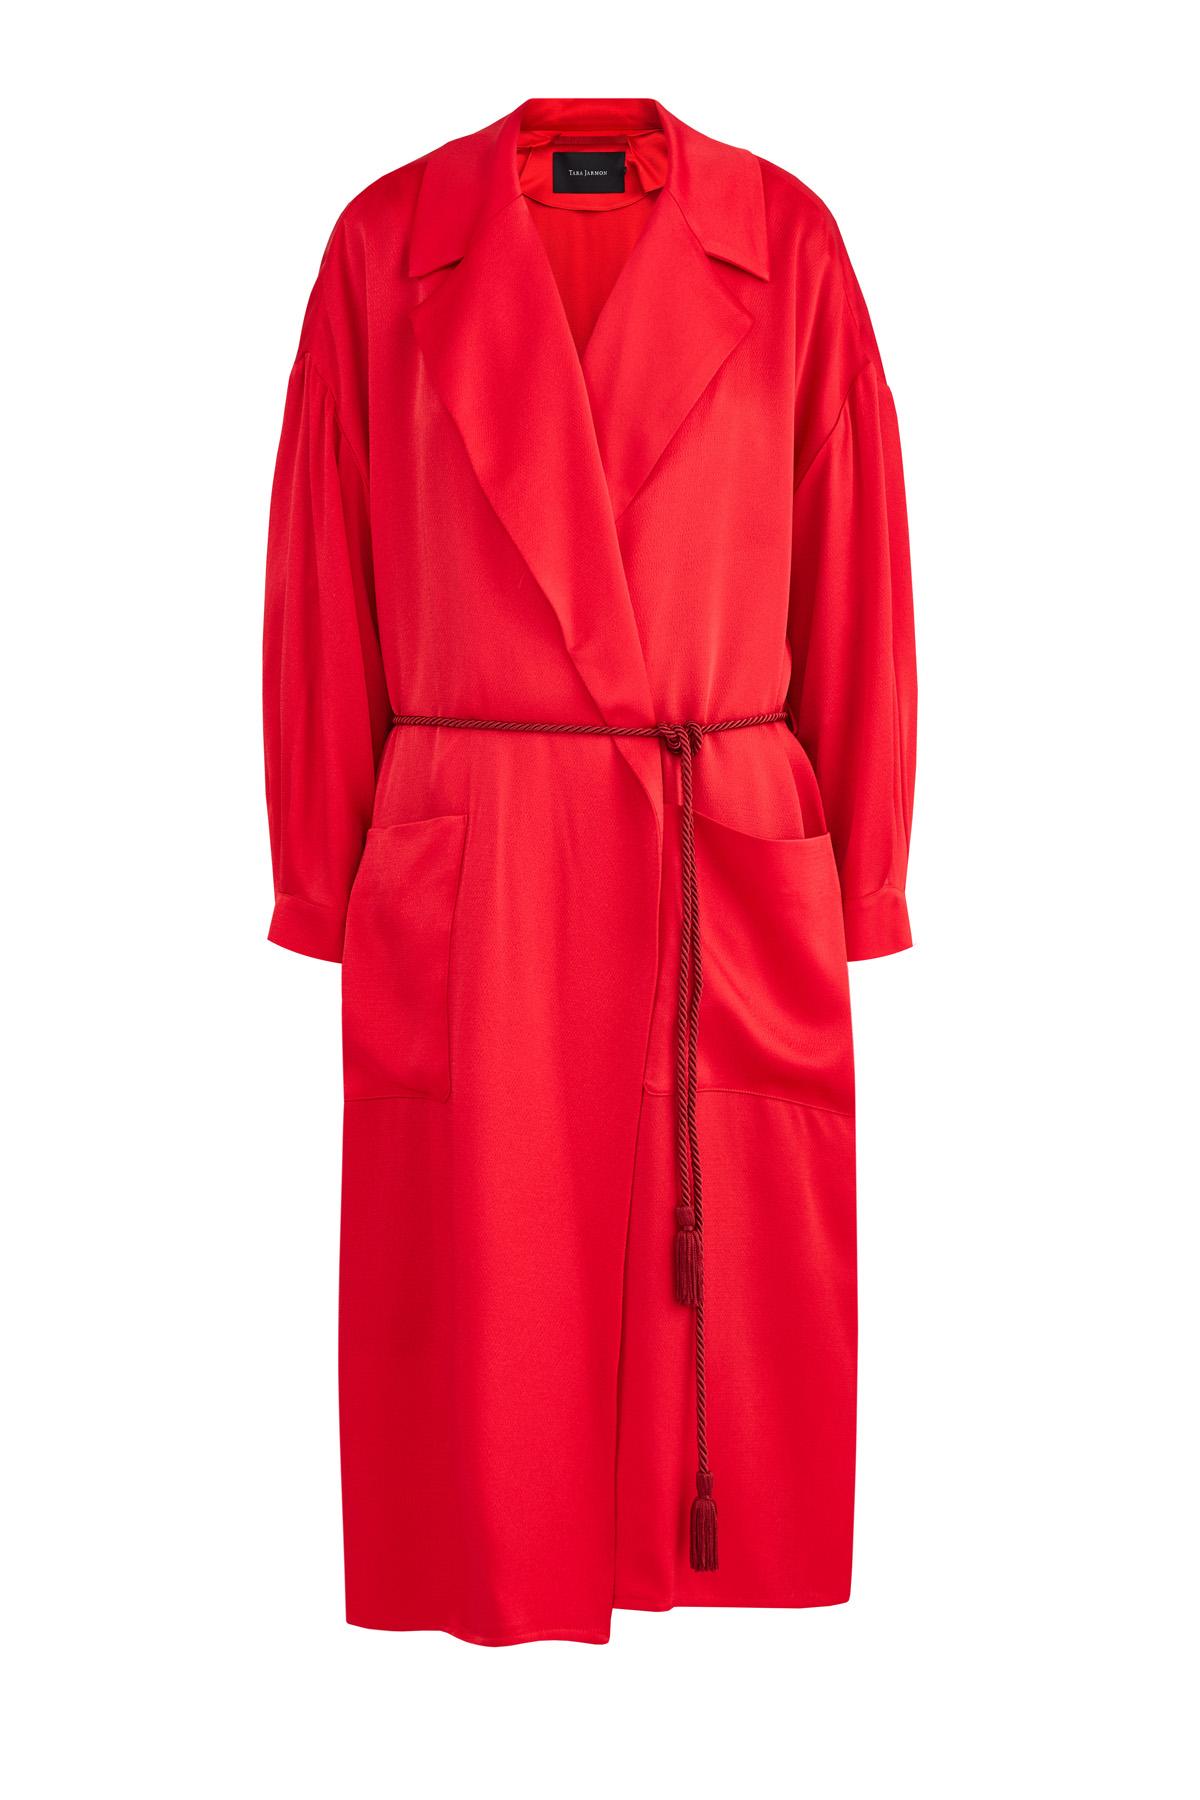 Купить Пальто, TARA JARMON, Франция, ацетат 57%, вискоза 43%